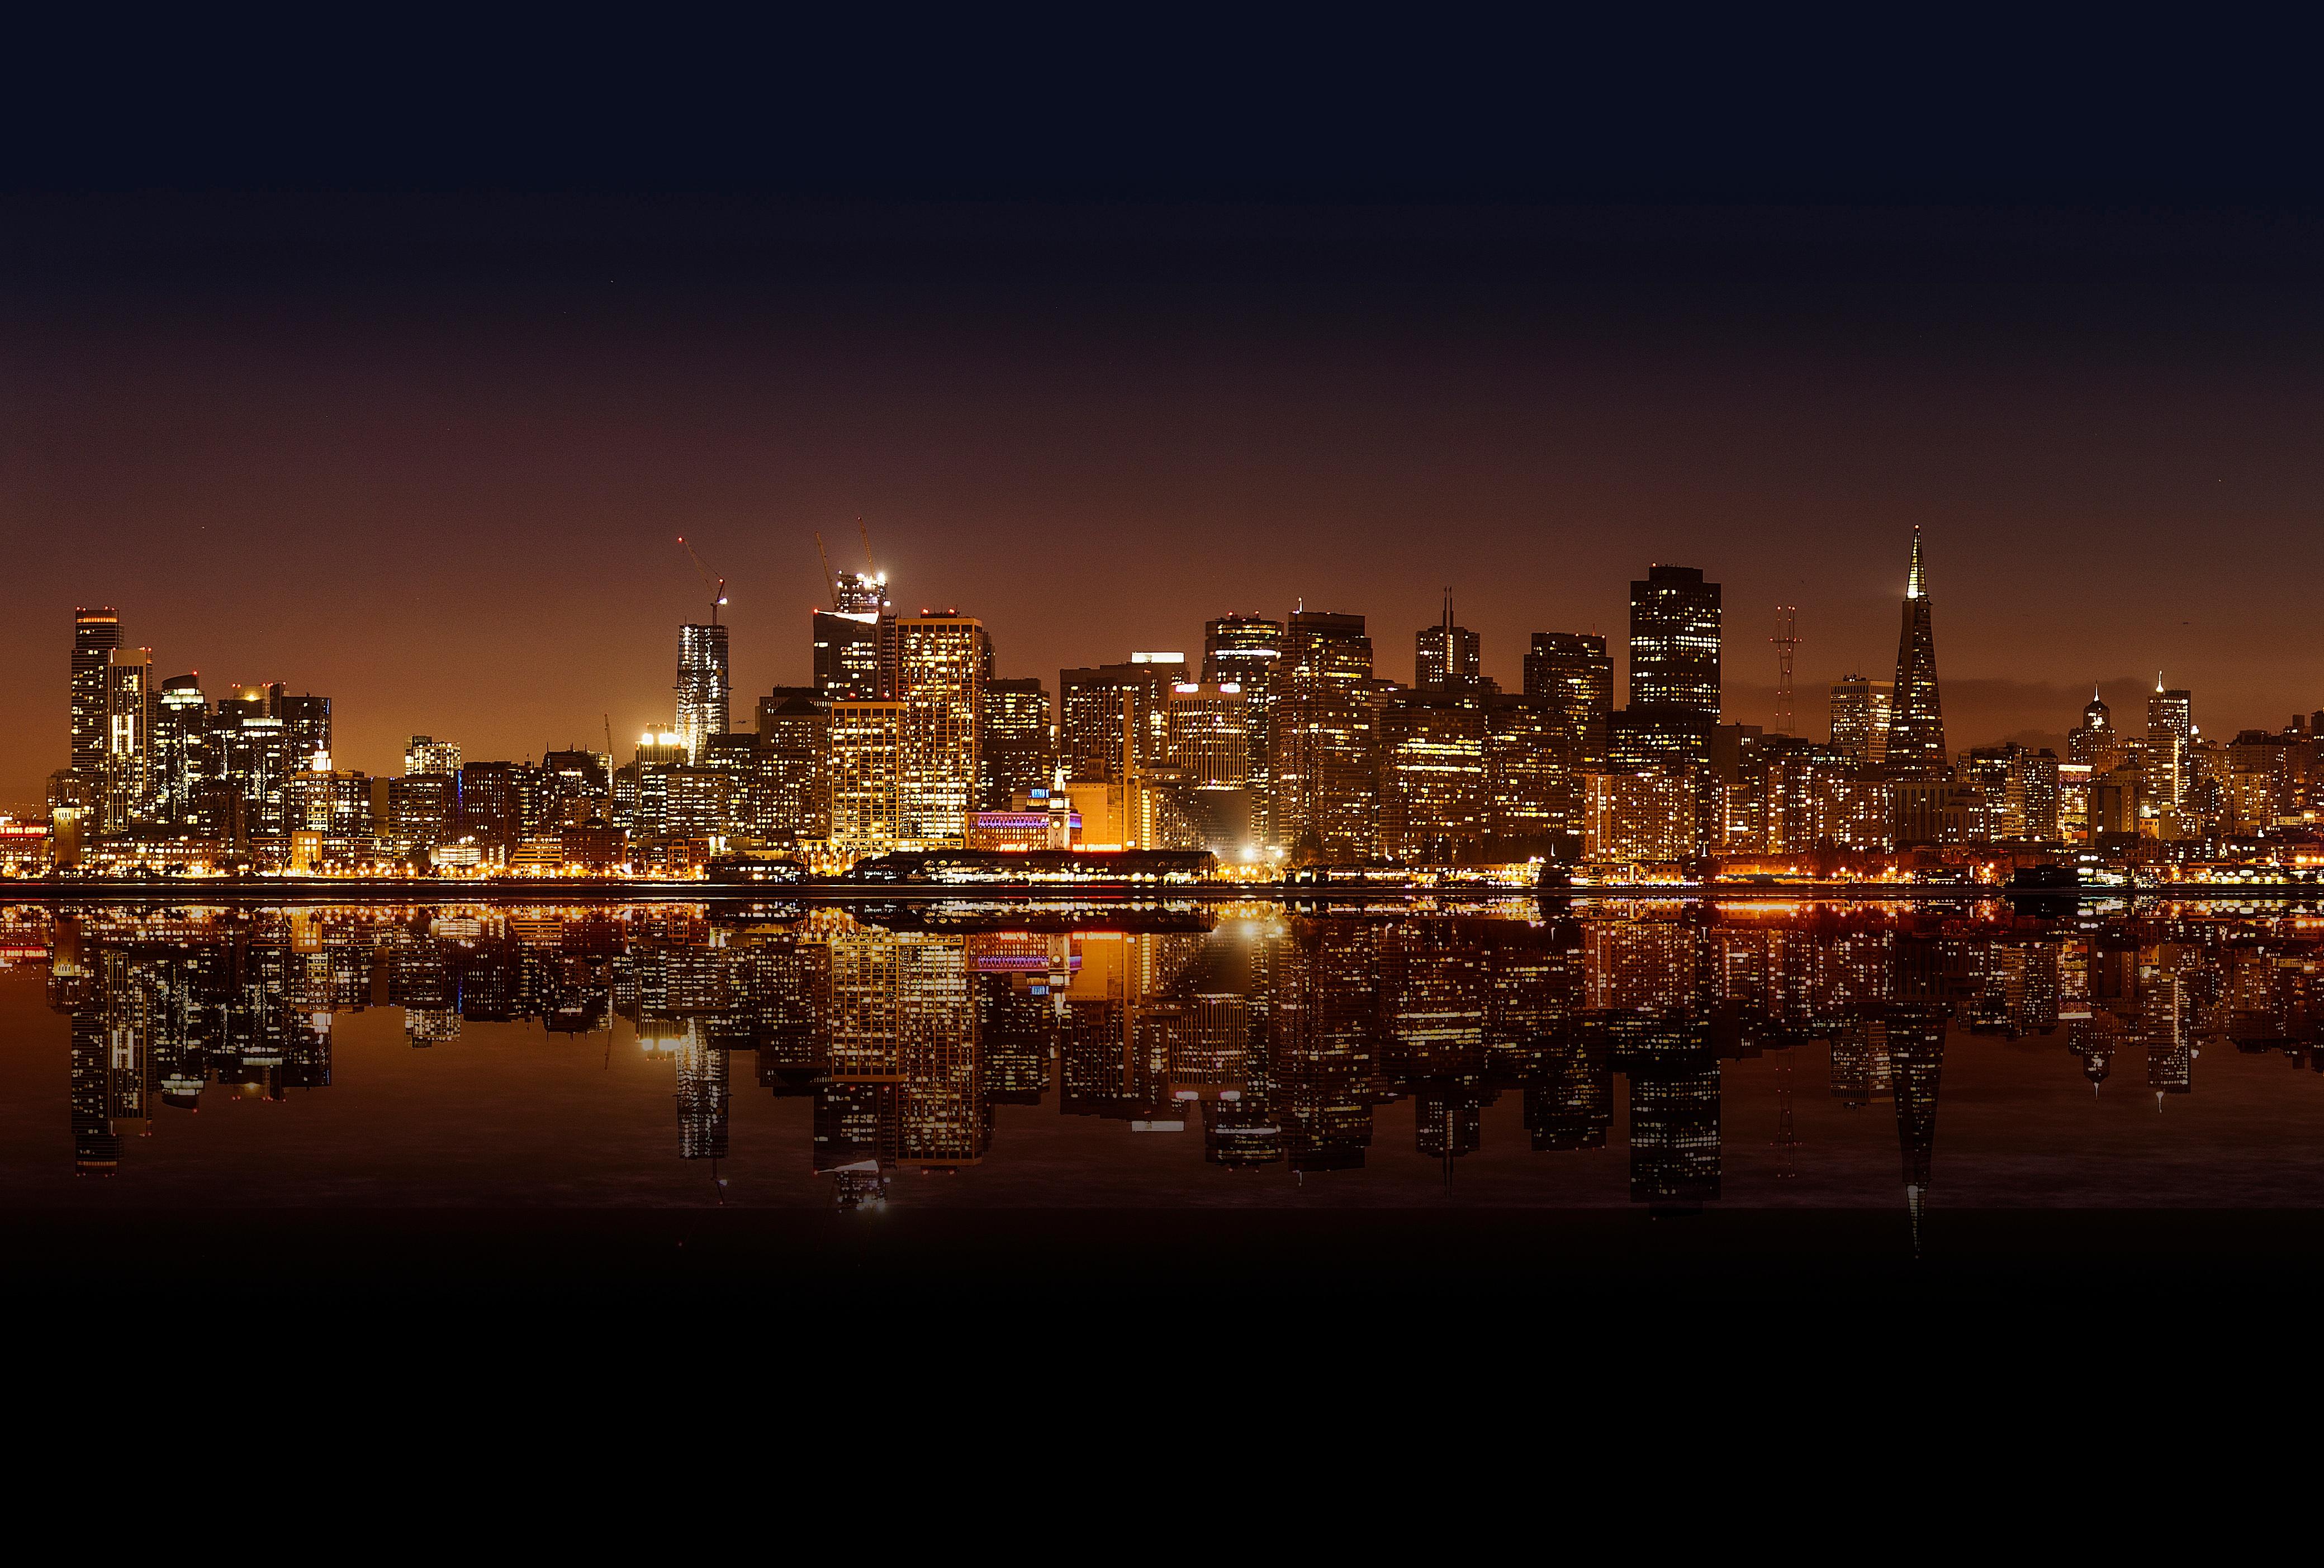 небоскреб отражение огни вечер город без смс